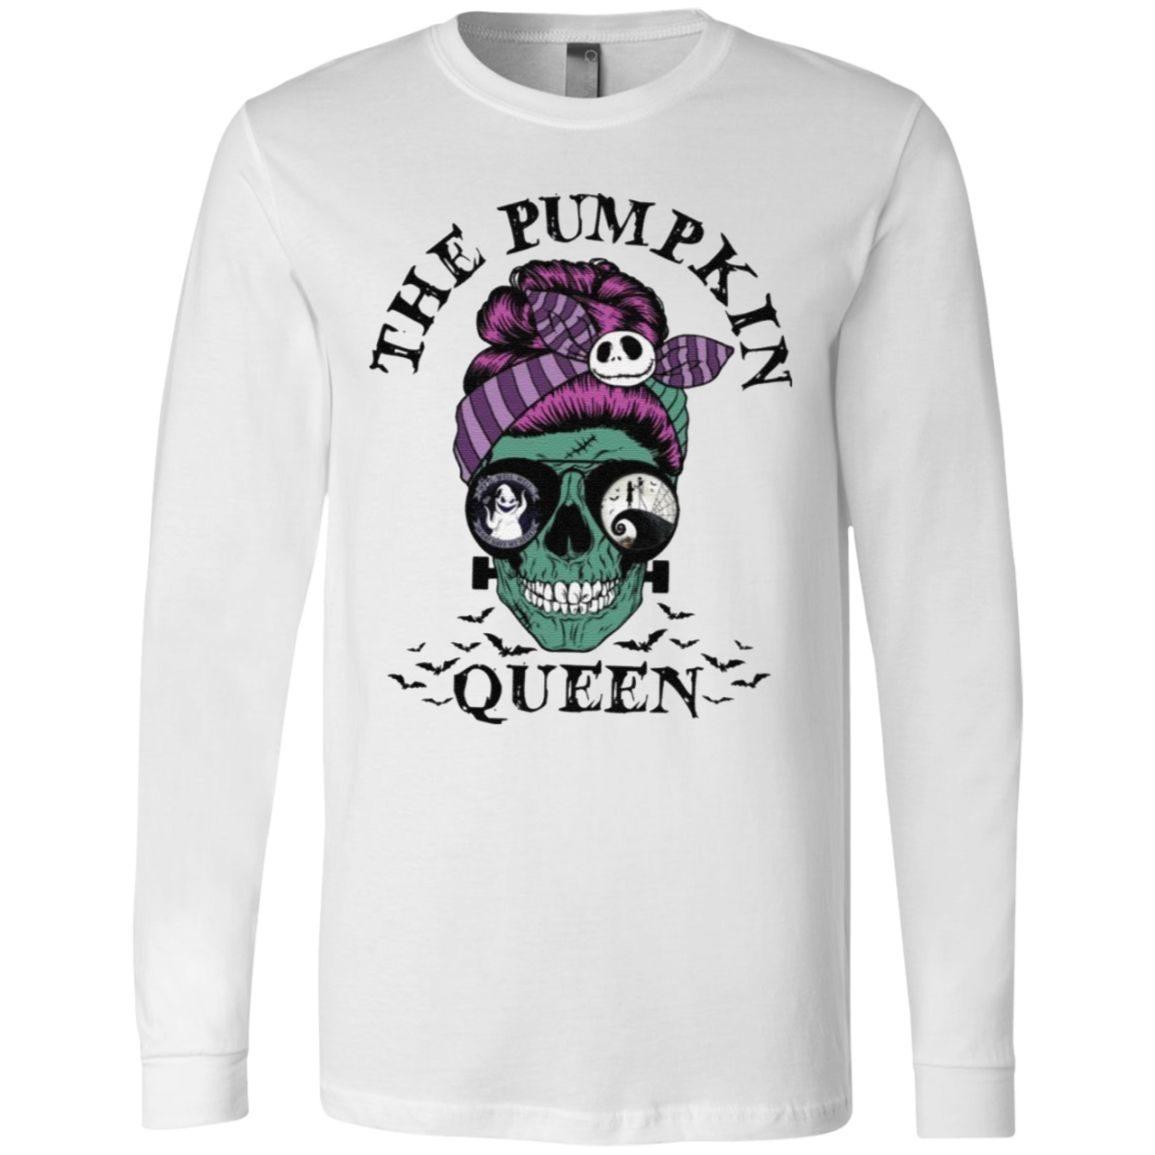 The Pumpkin Queen t shirt